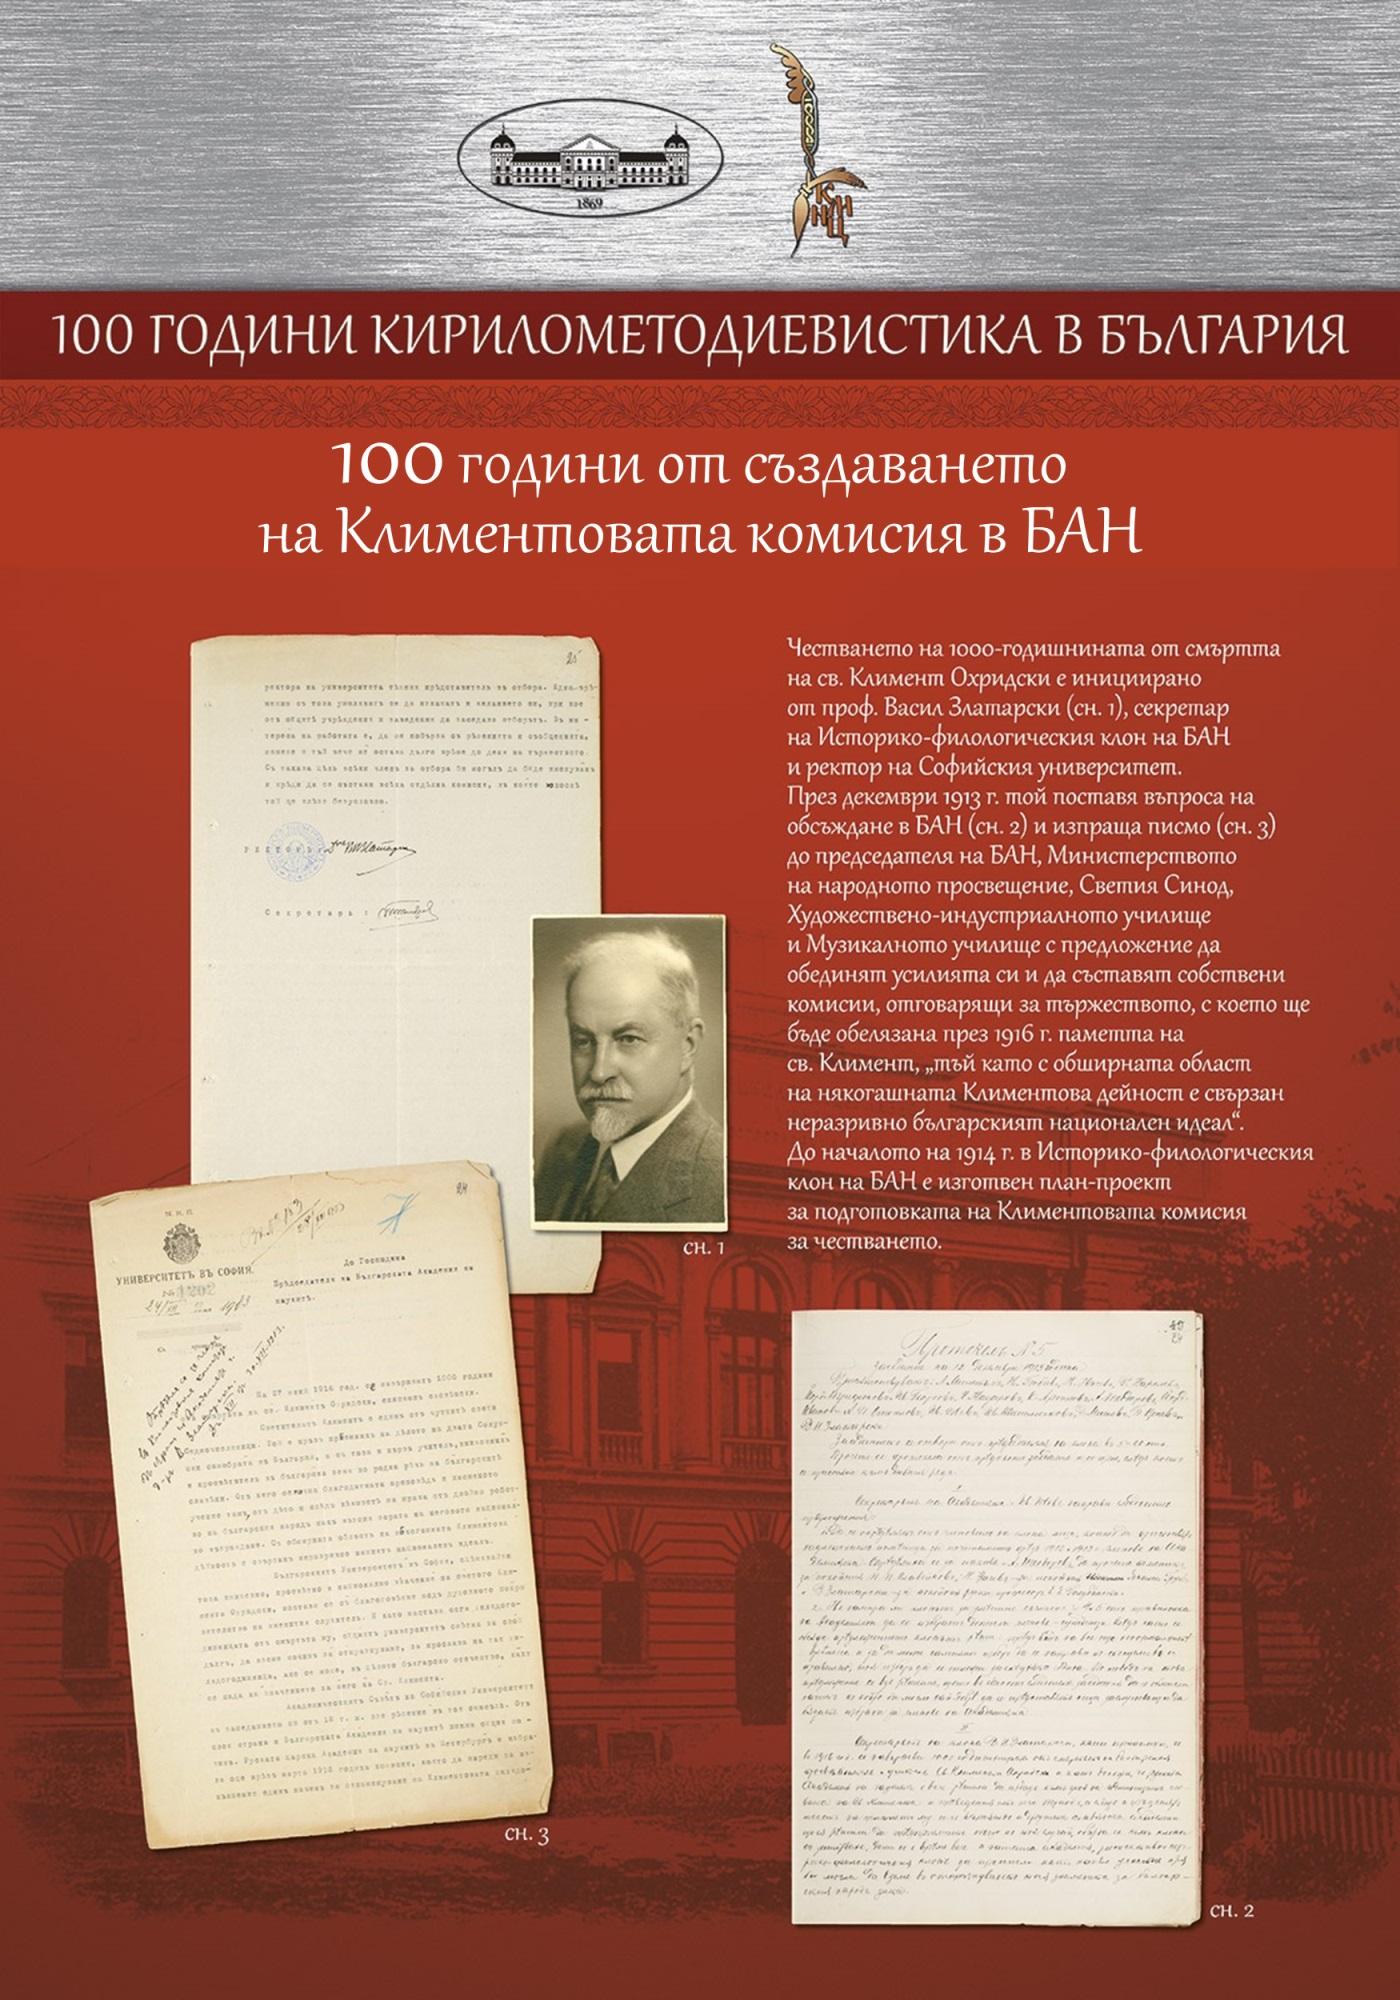 100 години кирилометодиевистика в България